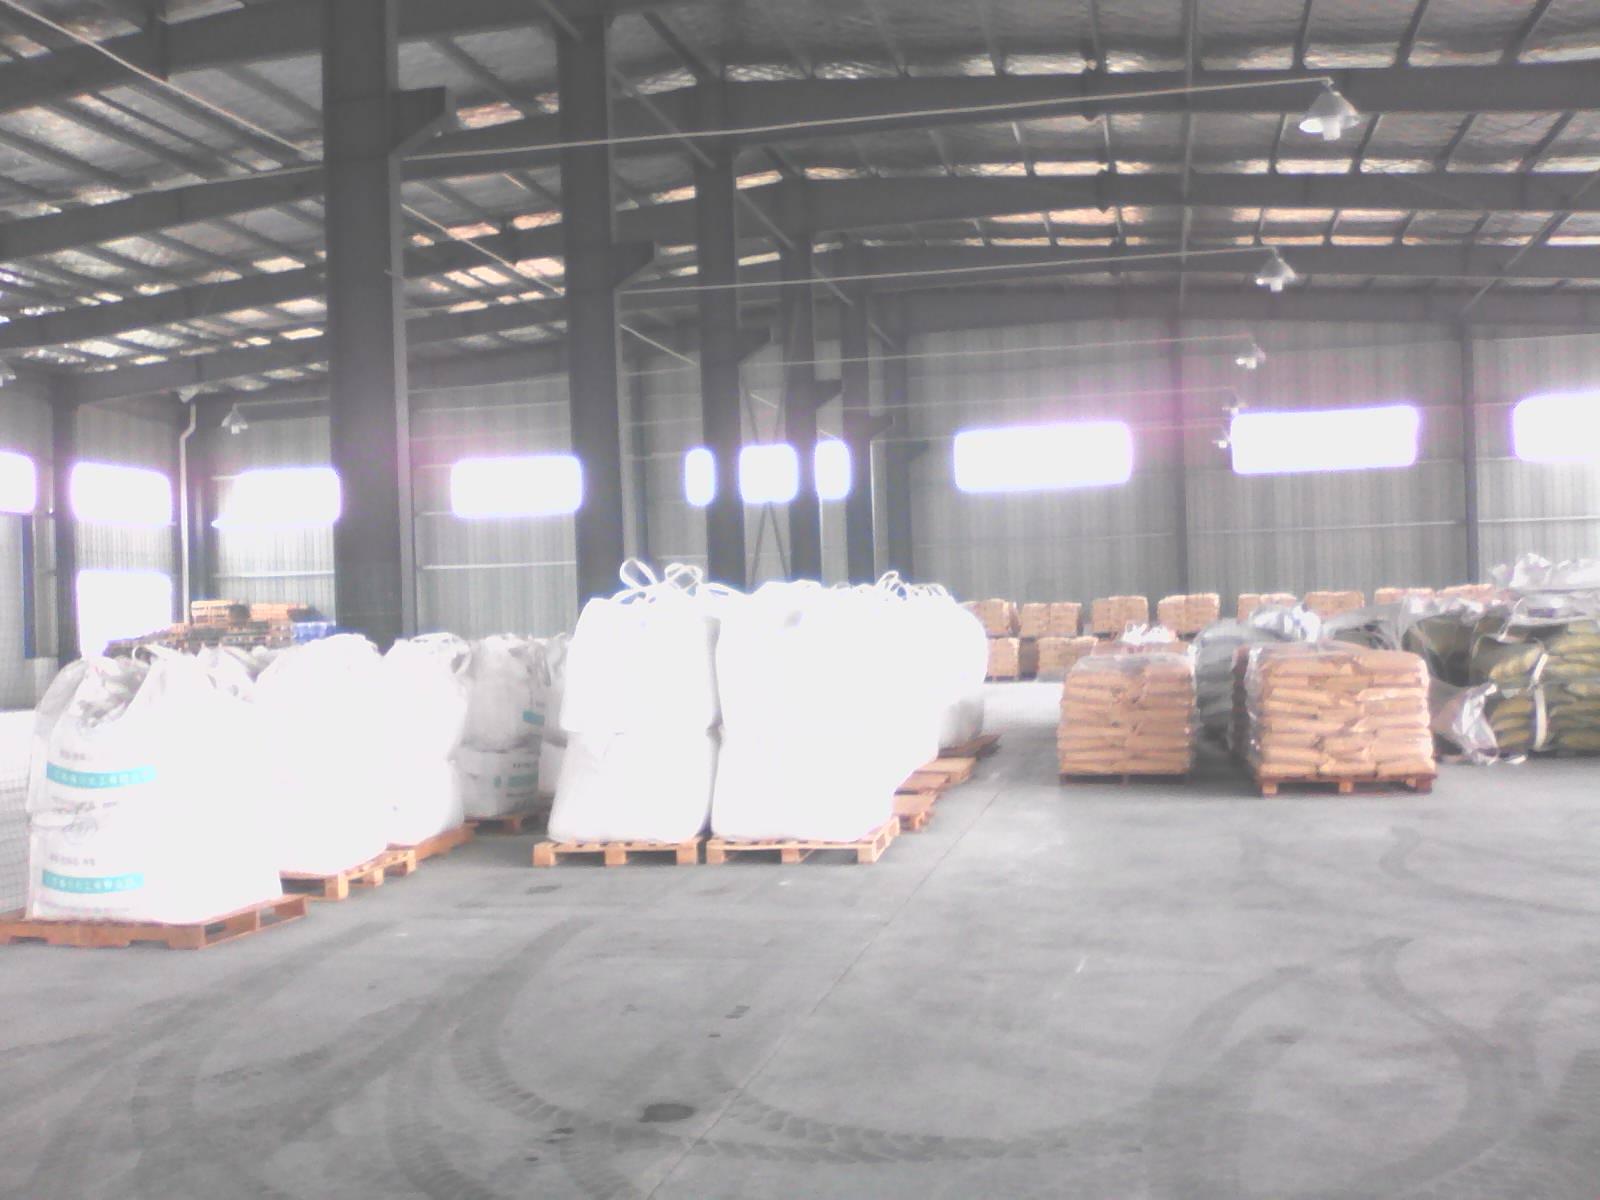 【图】南通到新疆物流公司 南通到新疆货运专线-南通林泰物流有限公司